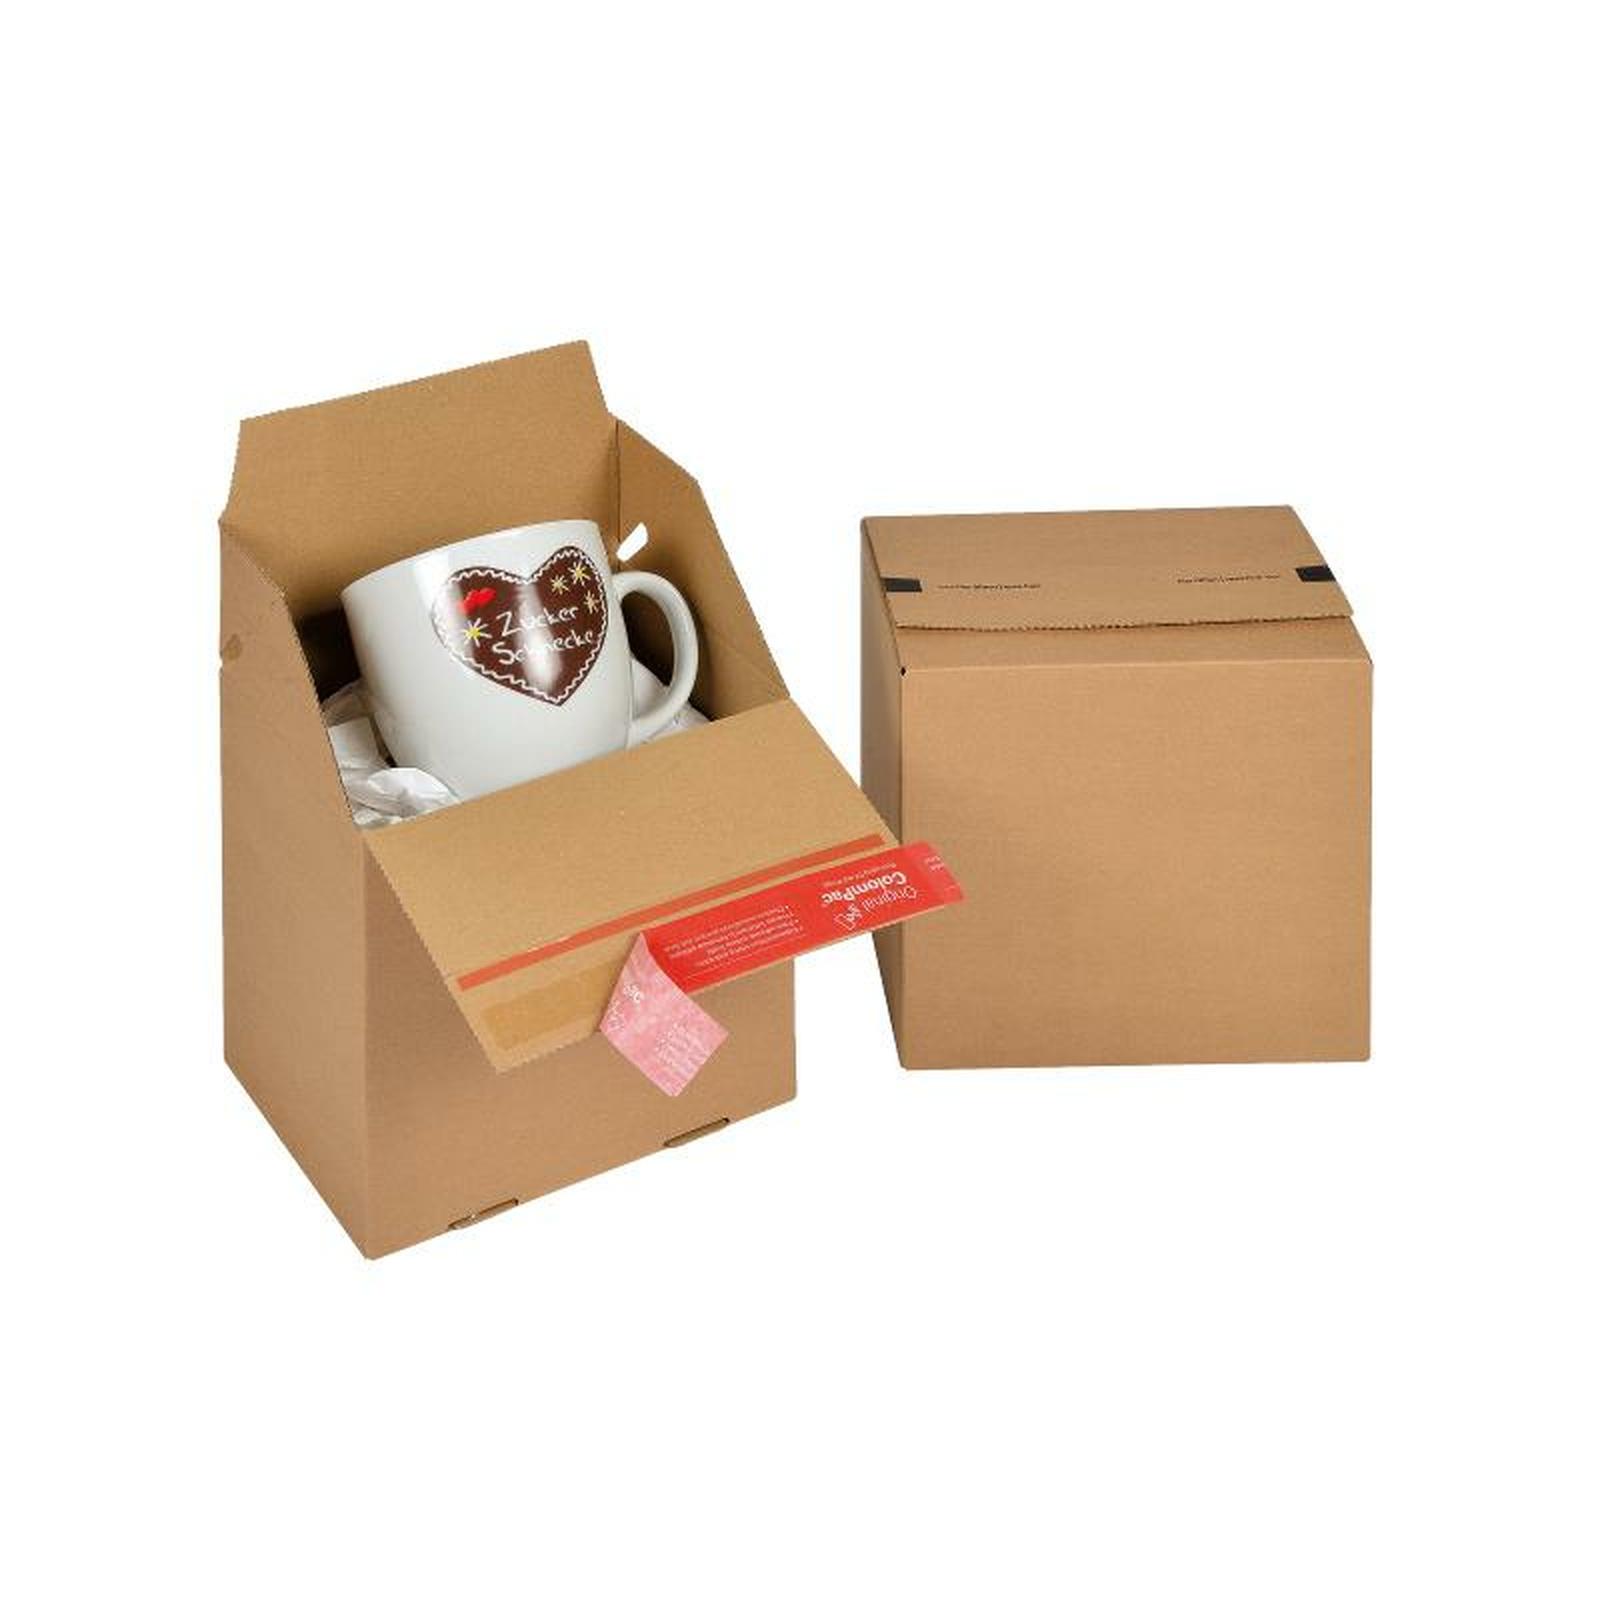 paletten system kartons 195x145x190 mm g nstig kaufen 0 45. Black Bedroom Furniture Sets. Home Design Ideas